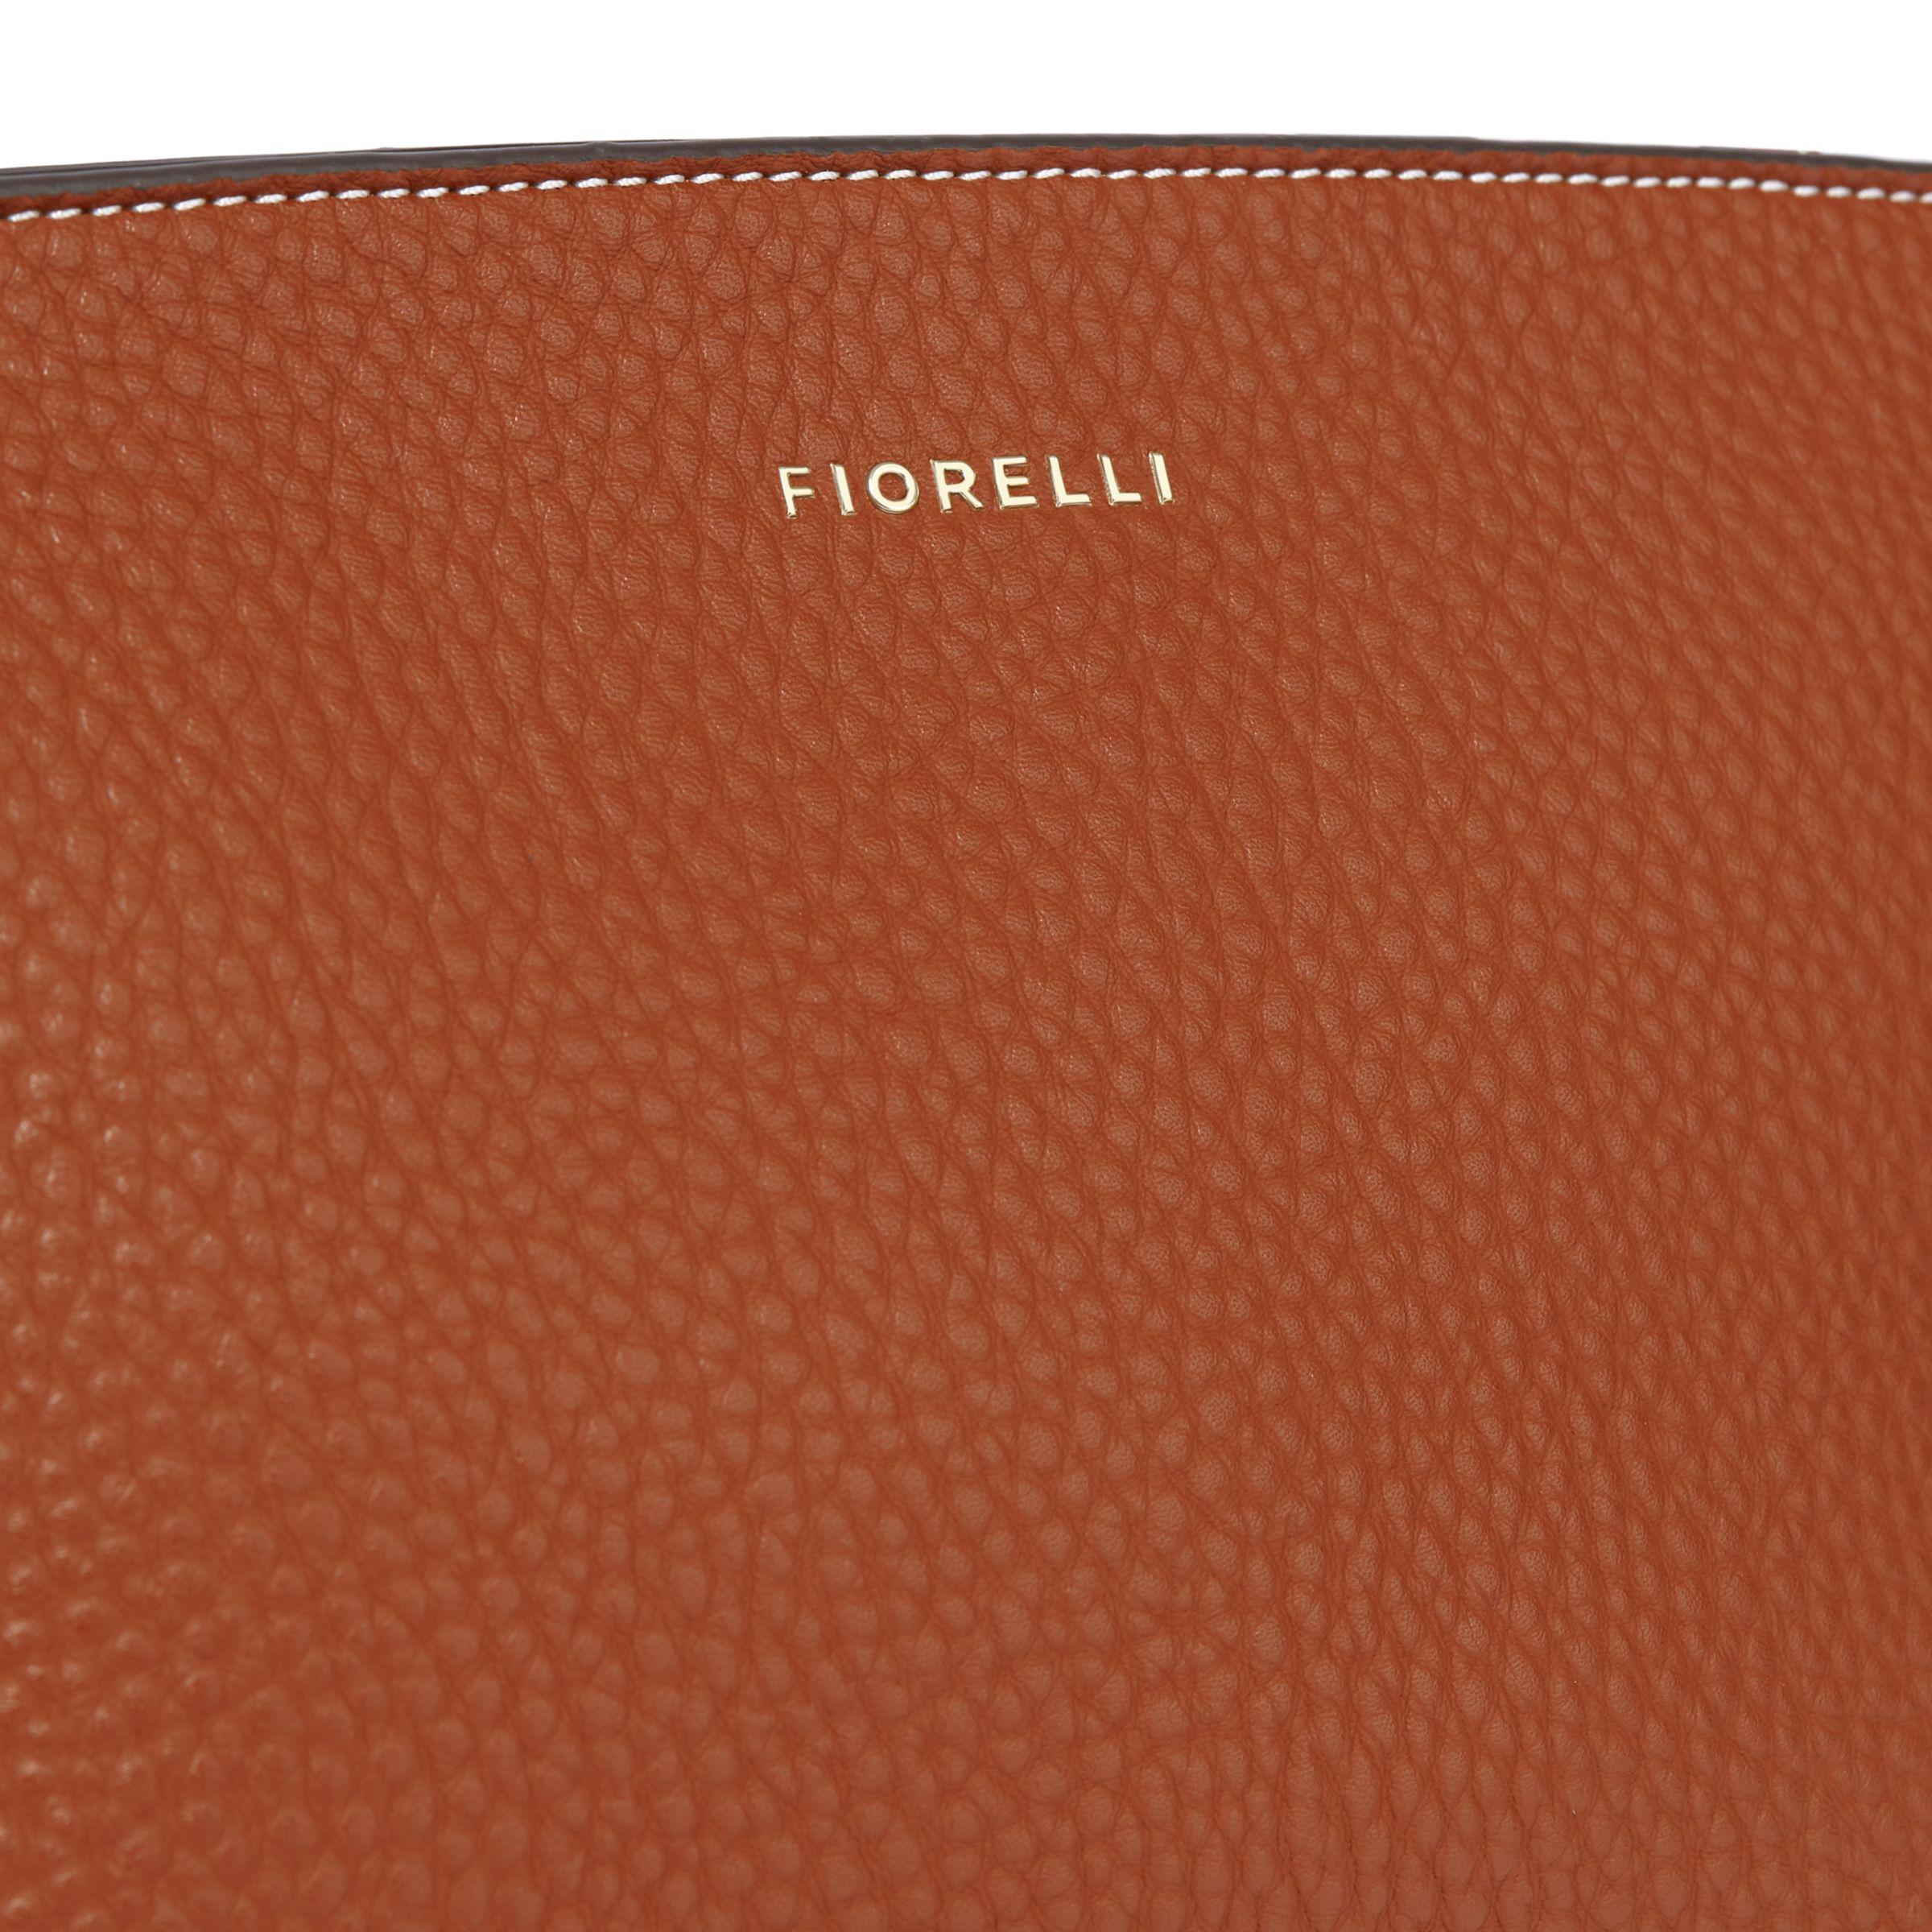 Fiorelli Hampton Small Cross Body Bag in Tan (Brown)